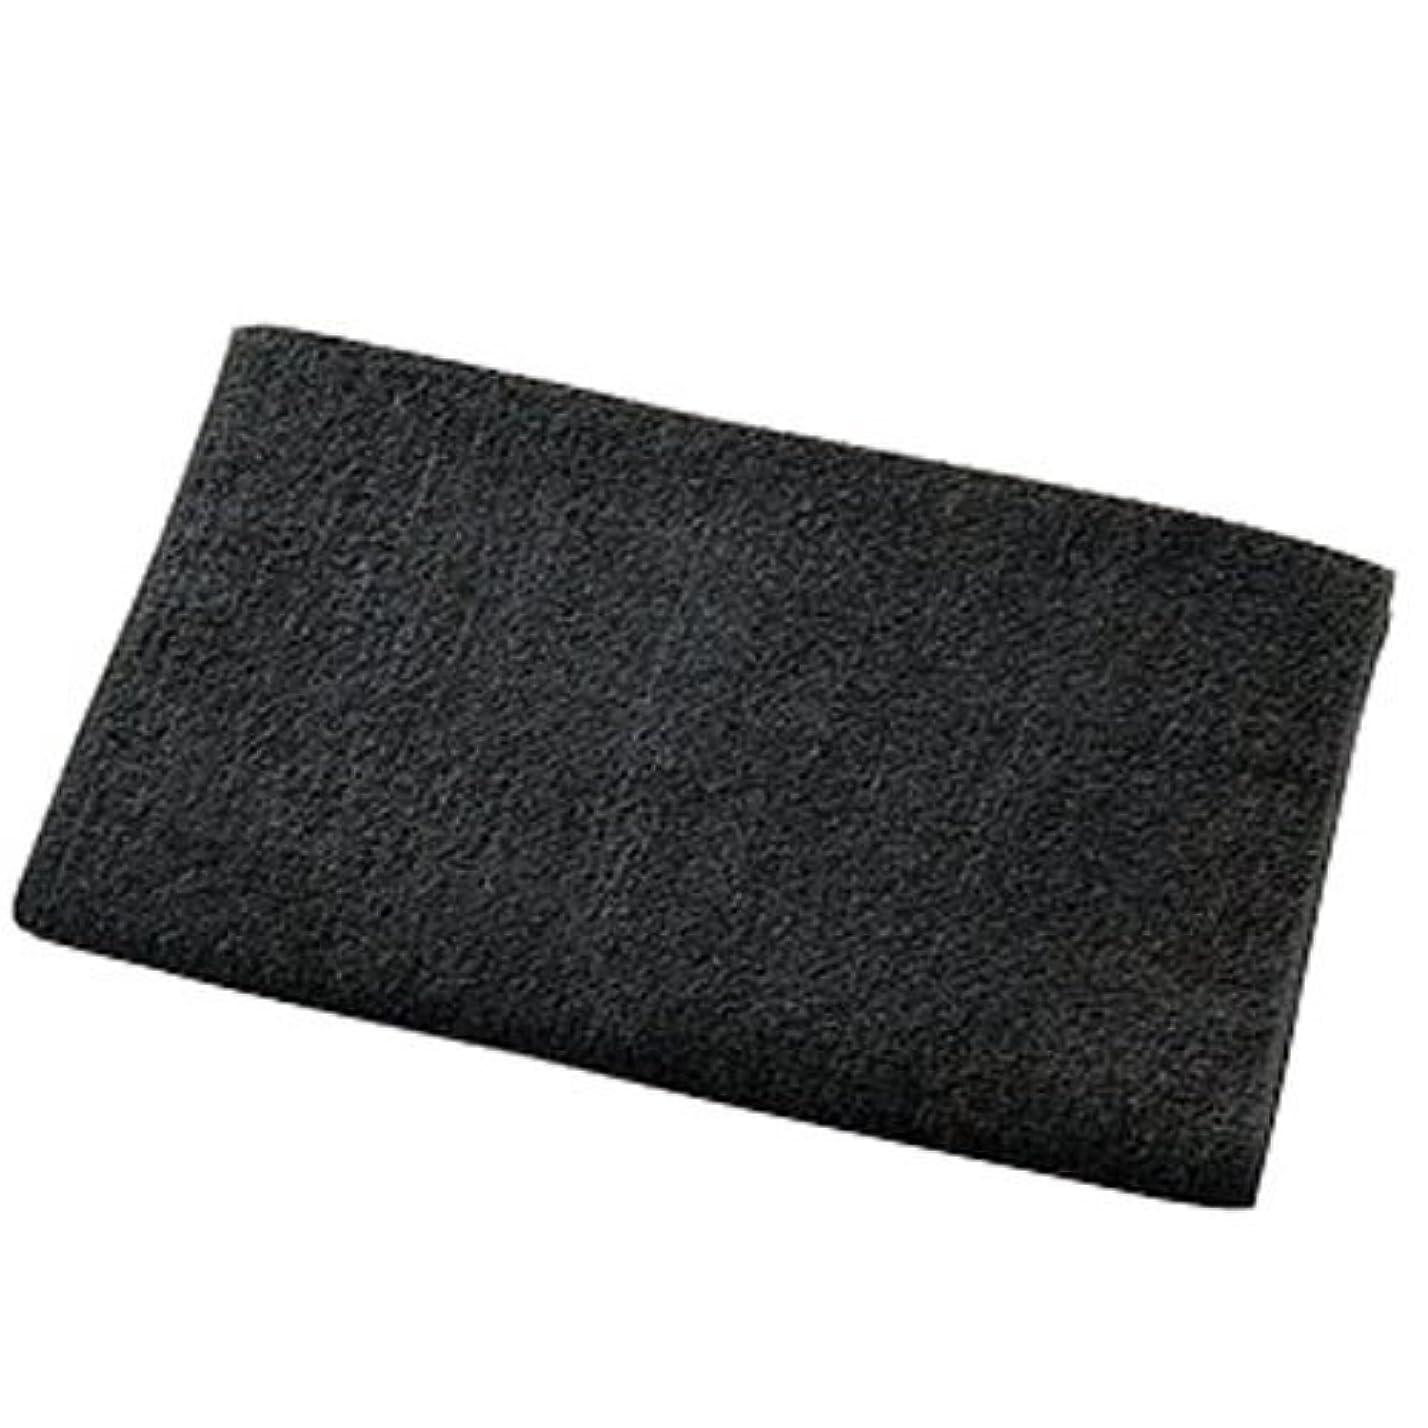 壁紙ぴかぴかチャートKA 240匁 スレンヘアダイタオル (12枚入) ブラック